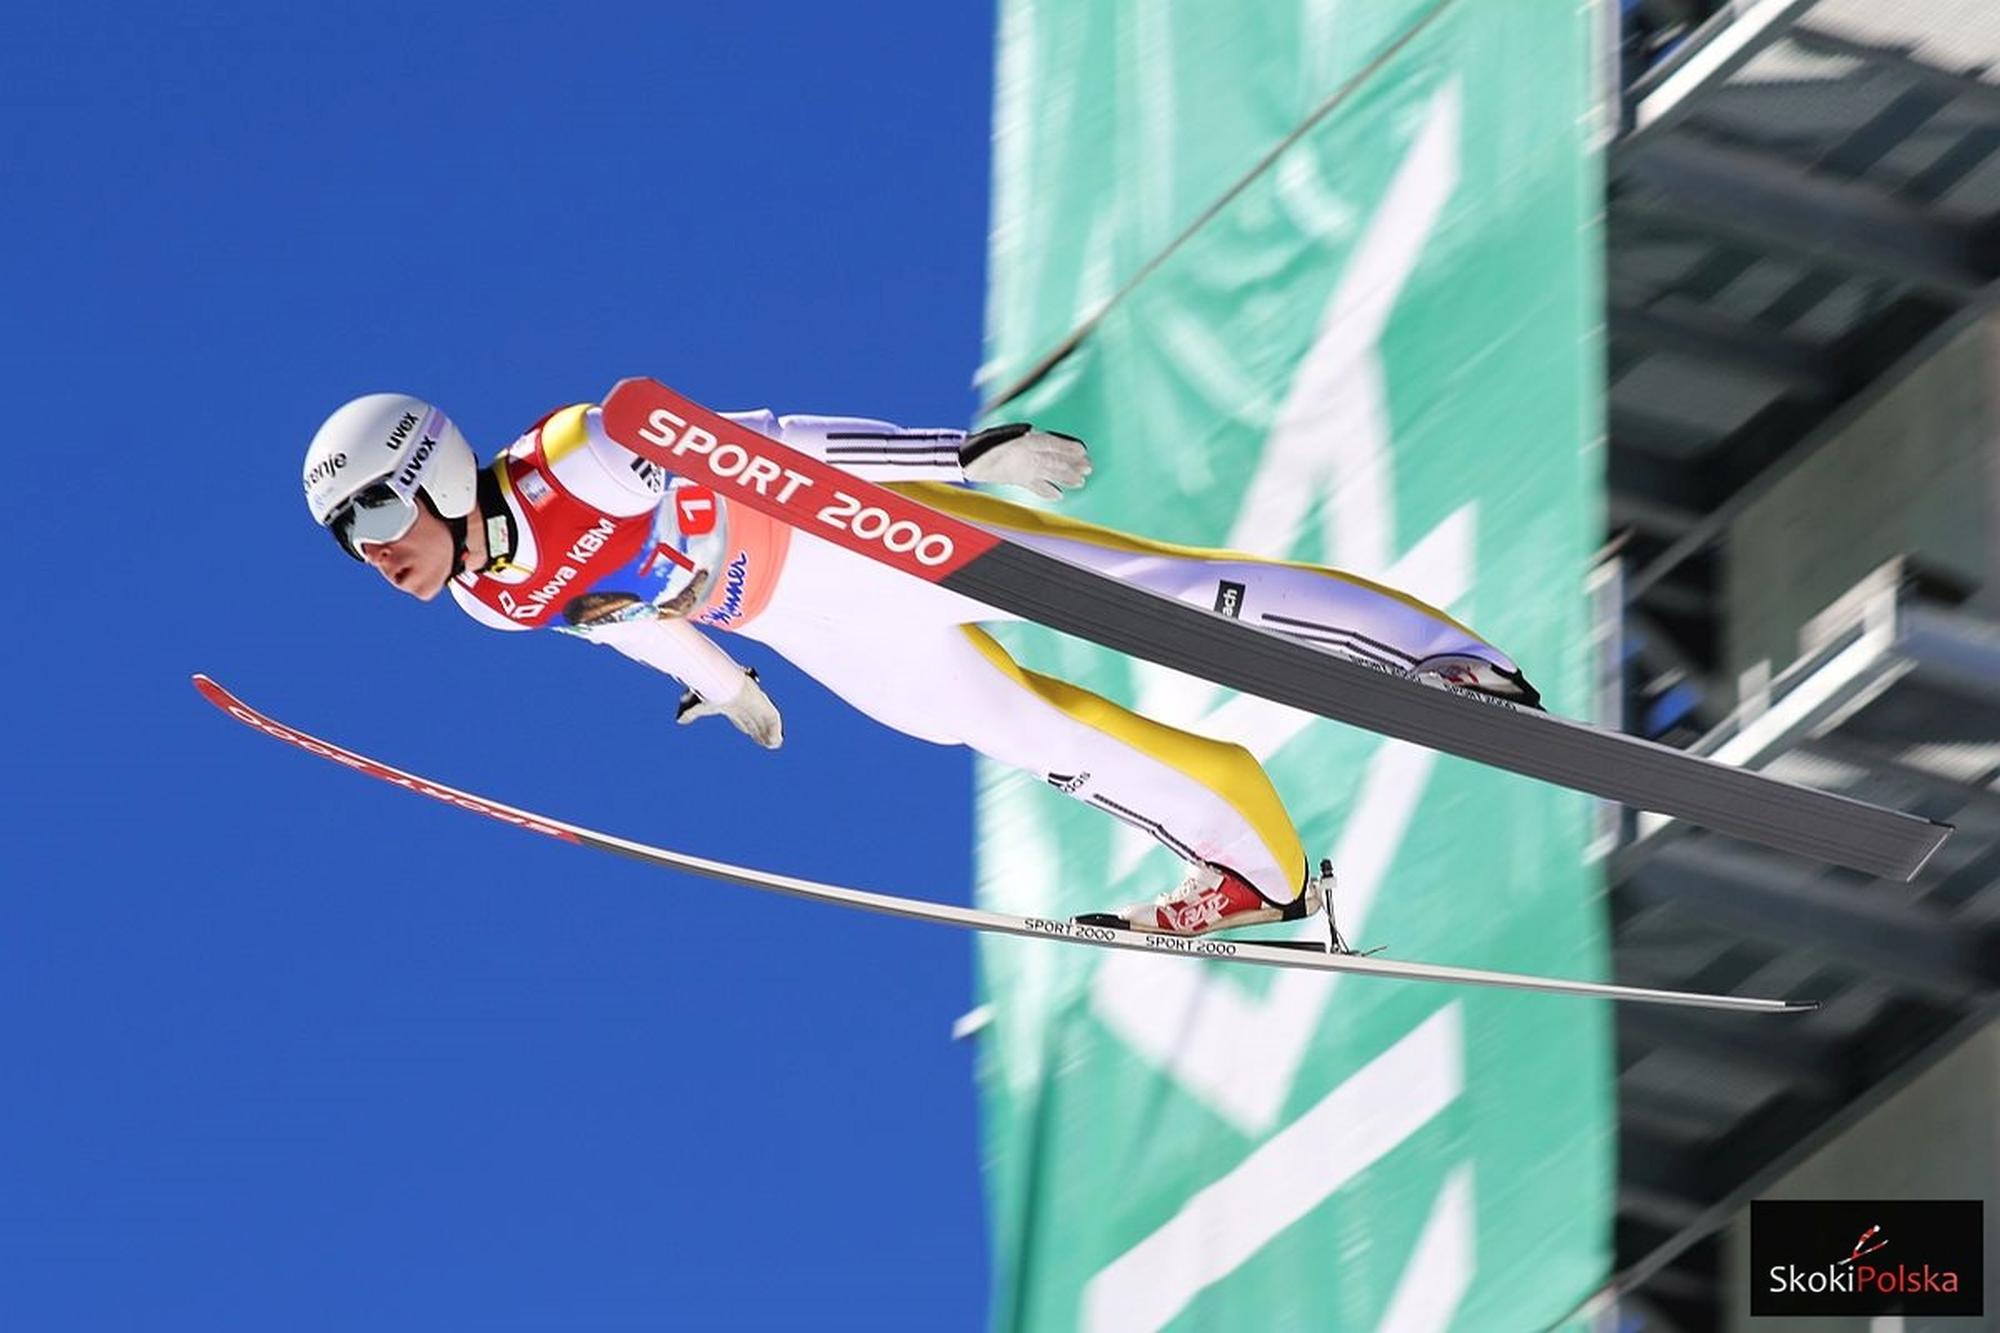 You are currently viewing Jurij Tepeš miał propozycję pożegnalnego skoku w Planicy. Chciał polecieć na rekord świata